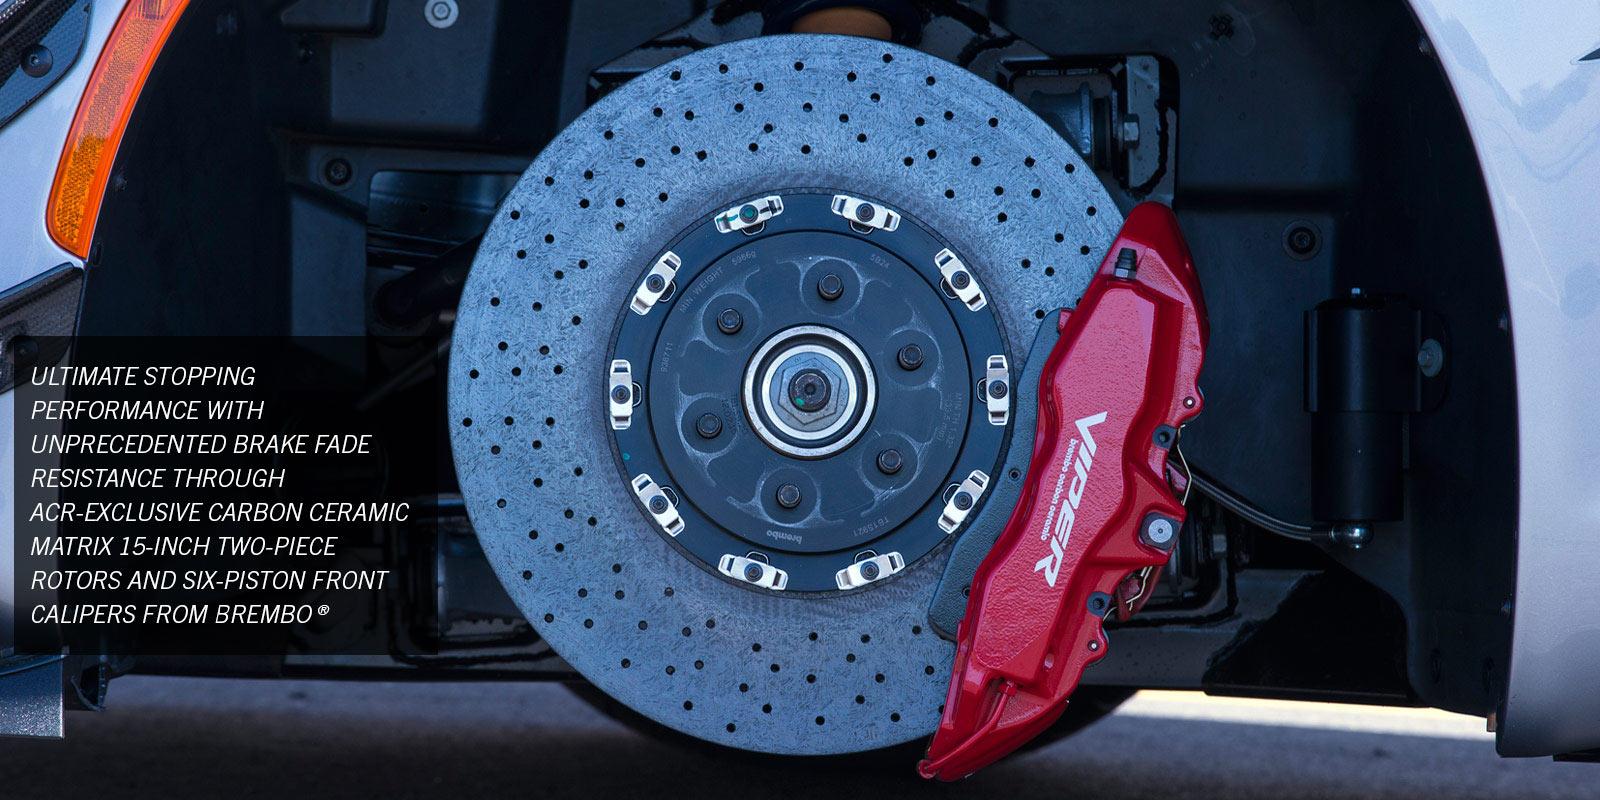 2016 Dodge Viper ACR - Brembo